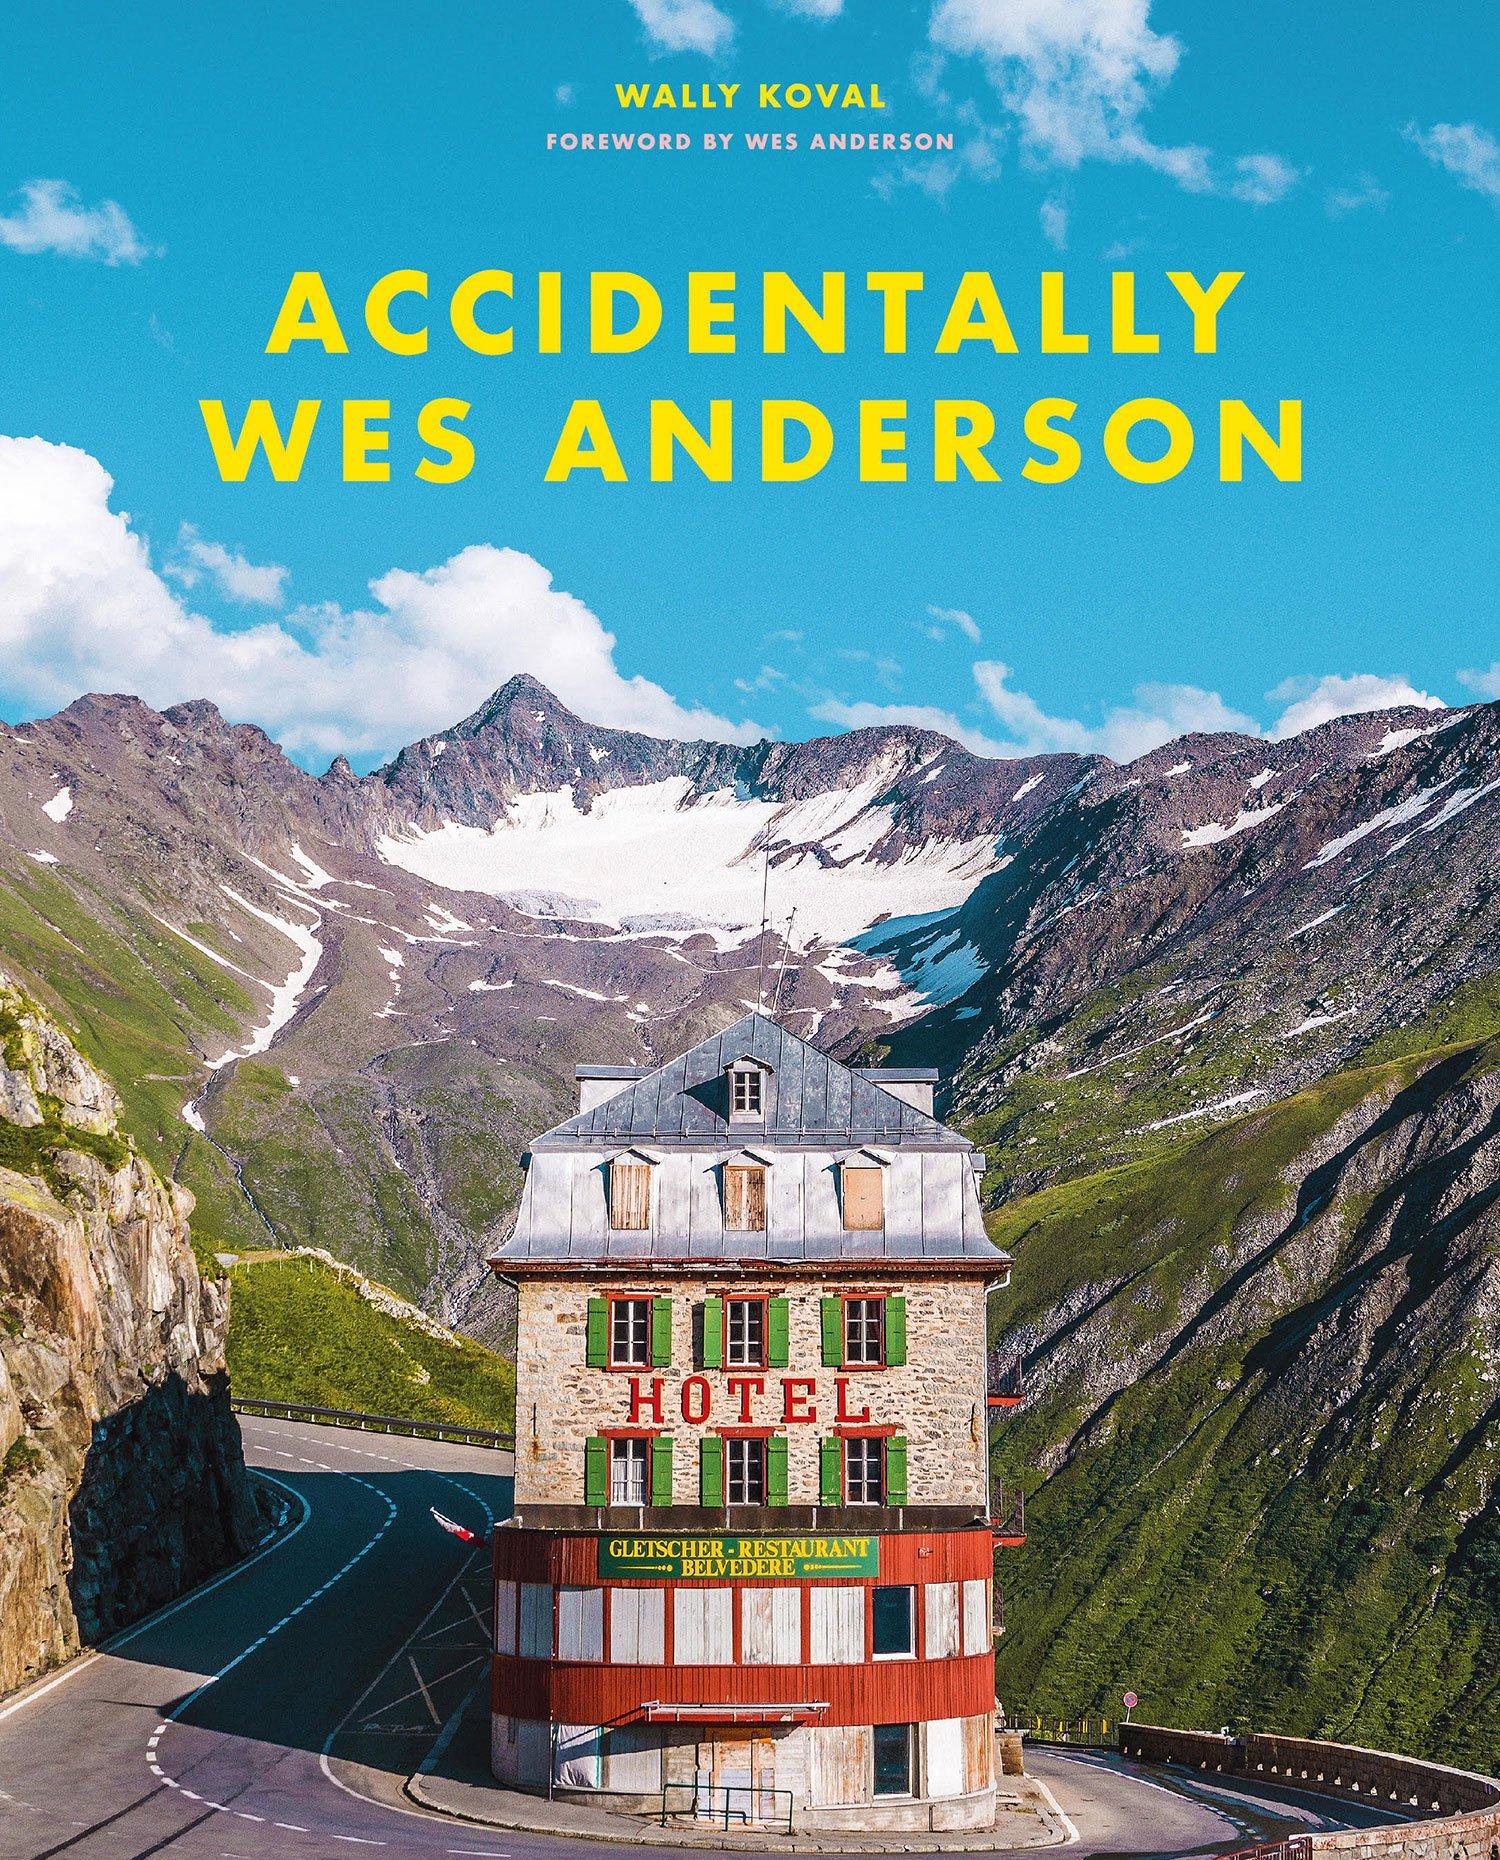 『ウェス・アンダーソンの風景』表紙の建物は、スイスのフルカ峠のホテル・ベルヴェデーレ。1964年には『007/ゴールドフィンガー』のカーチェイスシーンにも登場したそうだ。